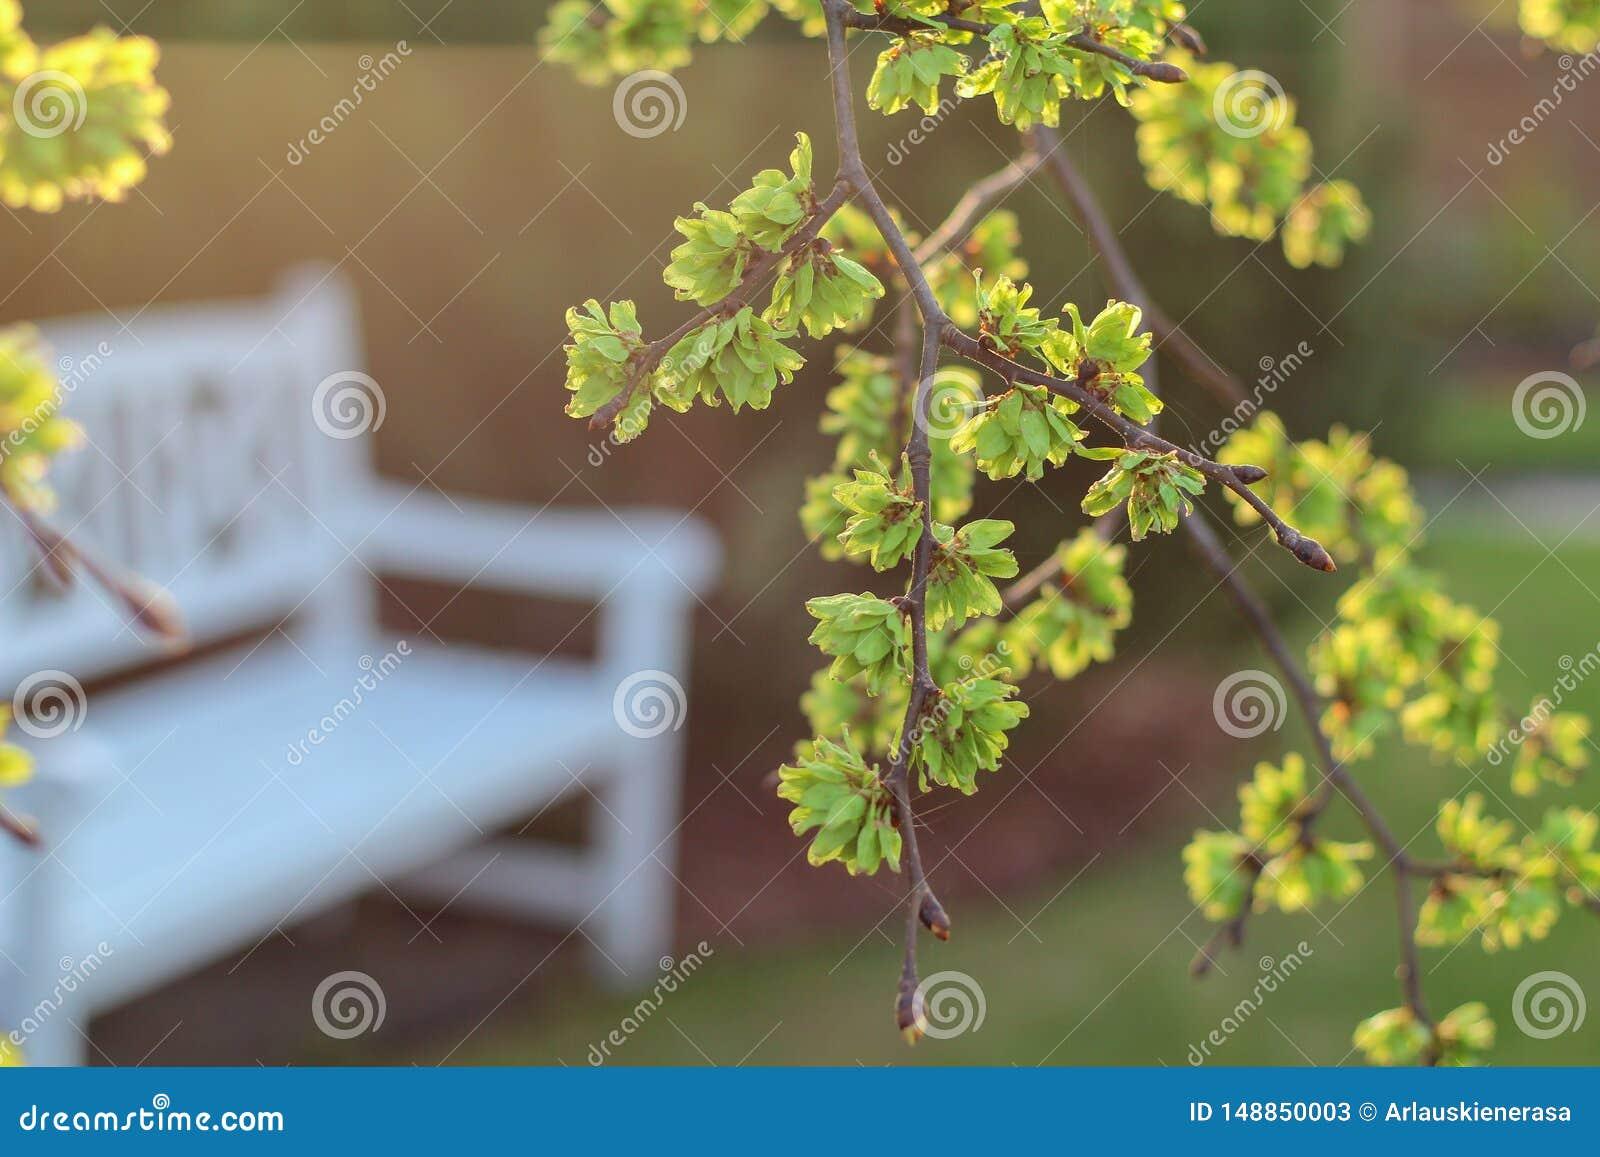 Vårsikt i en trädgård med en vit bänk under ett blommande almträd